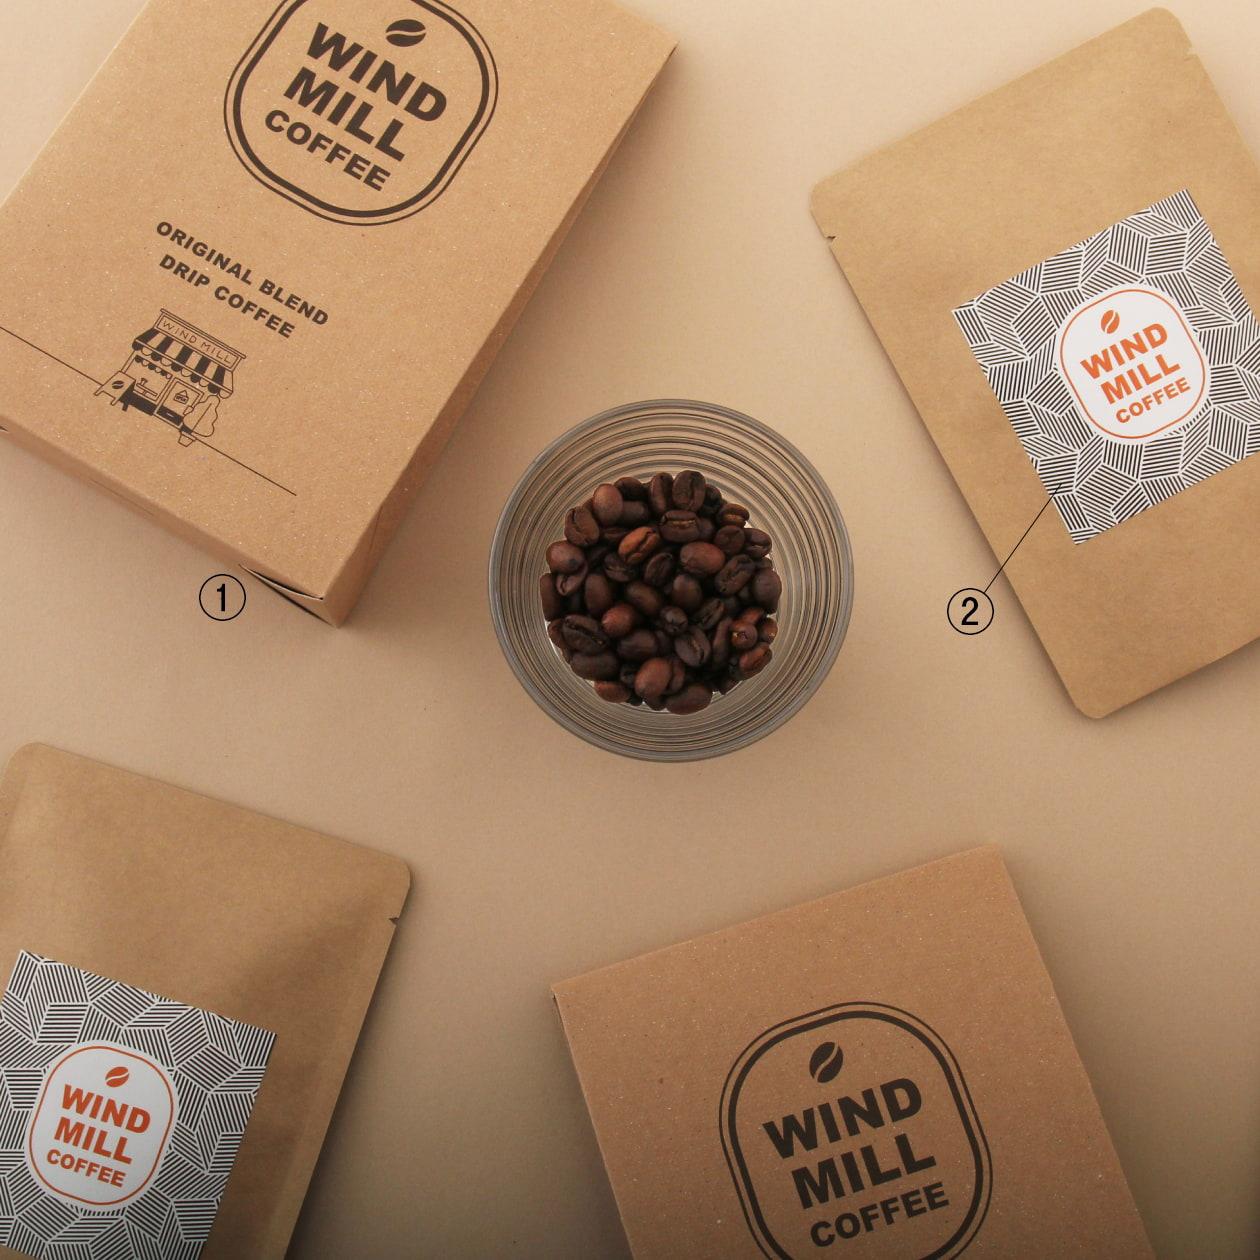 コーヒーのドリップパックが5袋入ったパッケージ